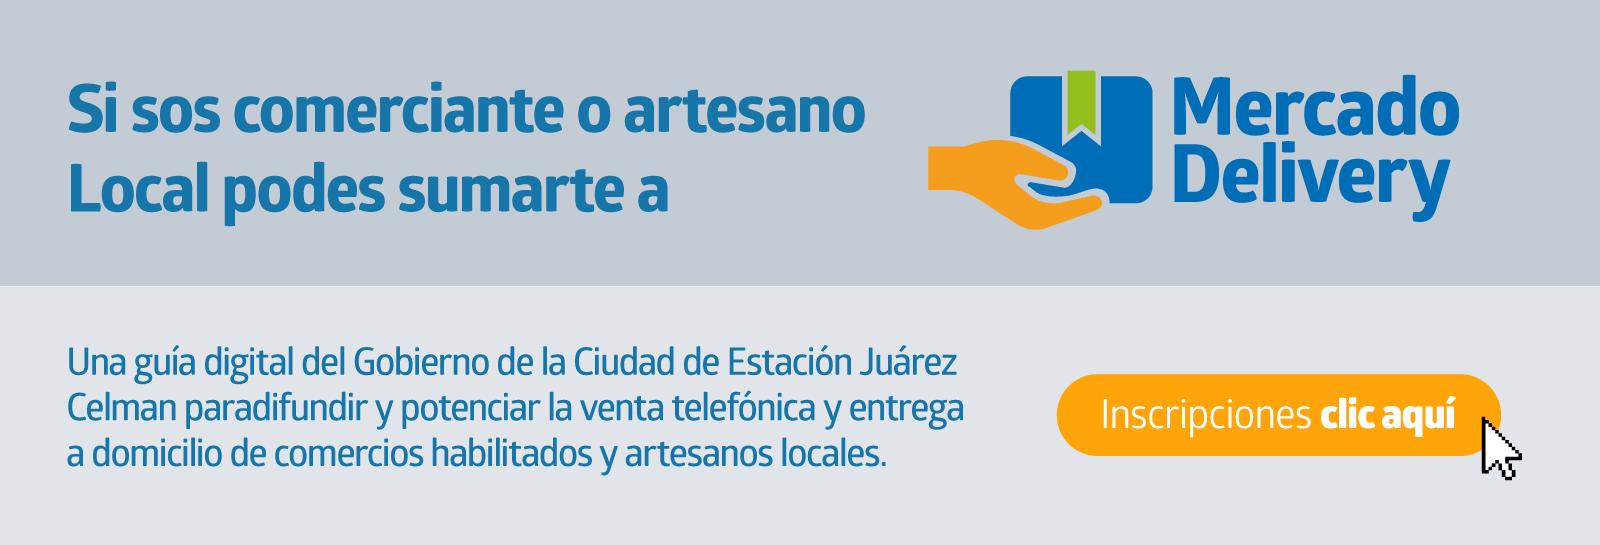 Mercado-Delibery-Estación-Juárez-Celman-Gestión-Myrian-Prunotto